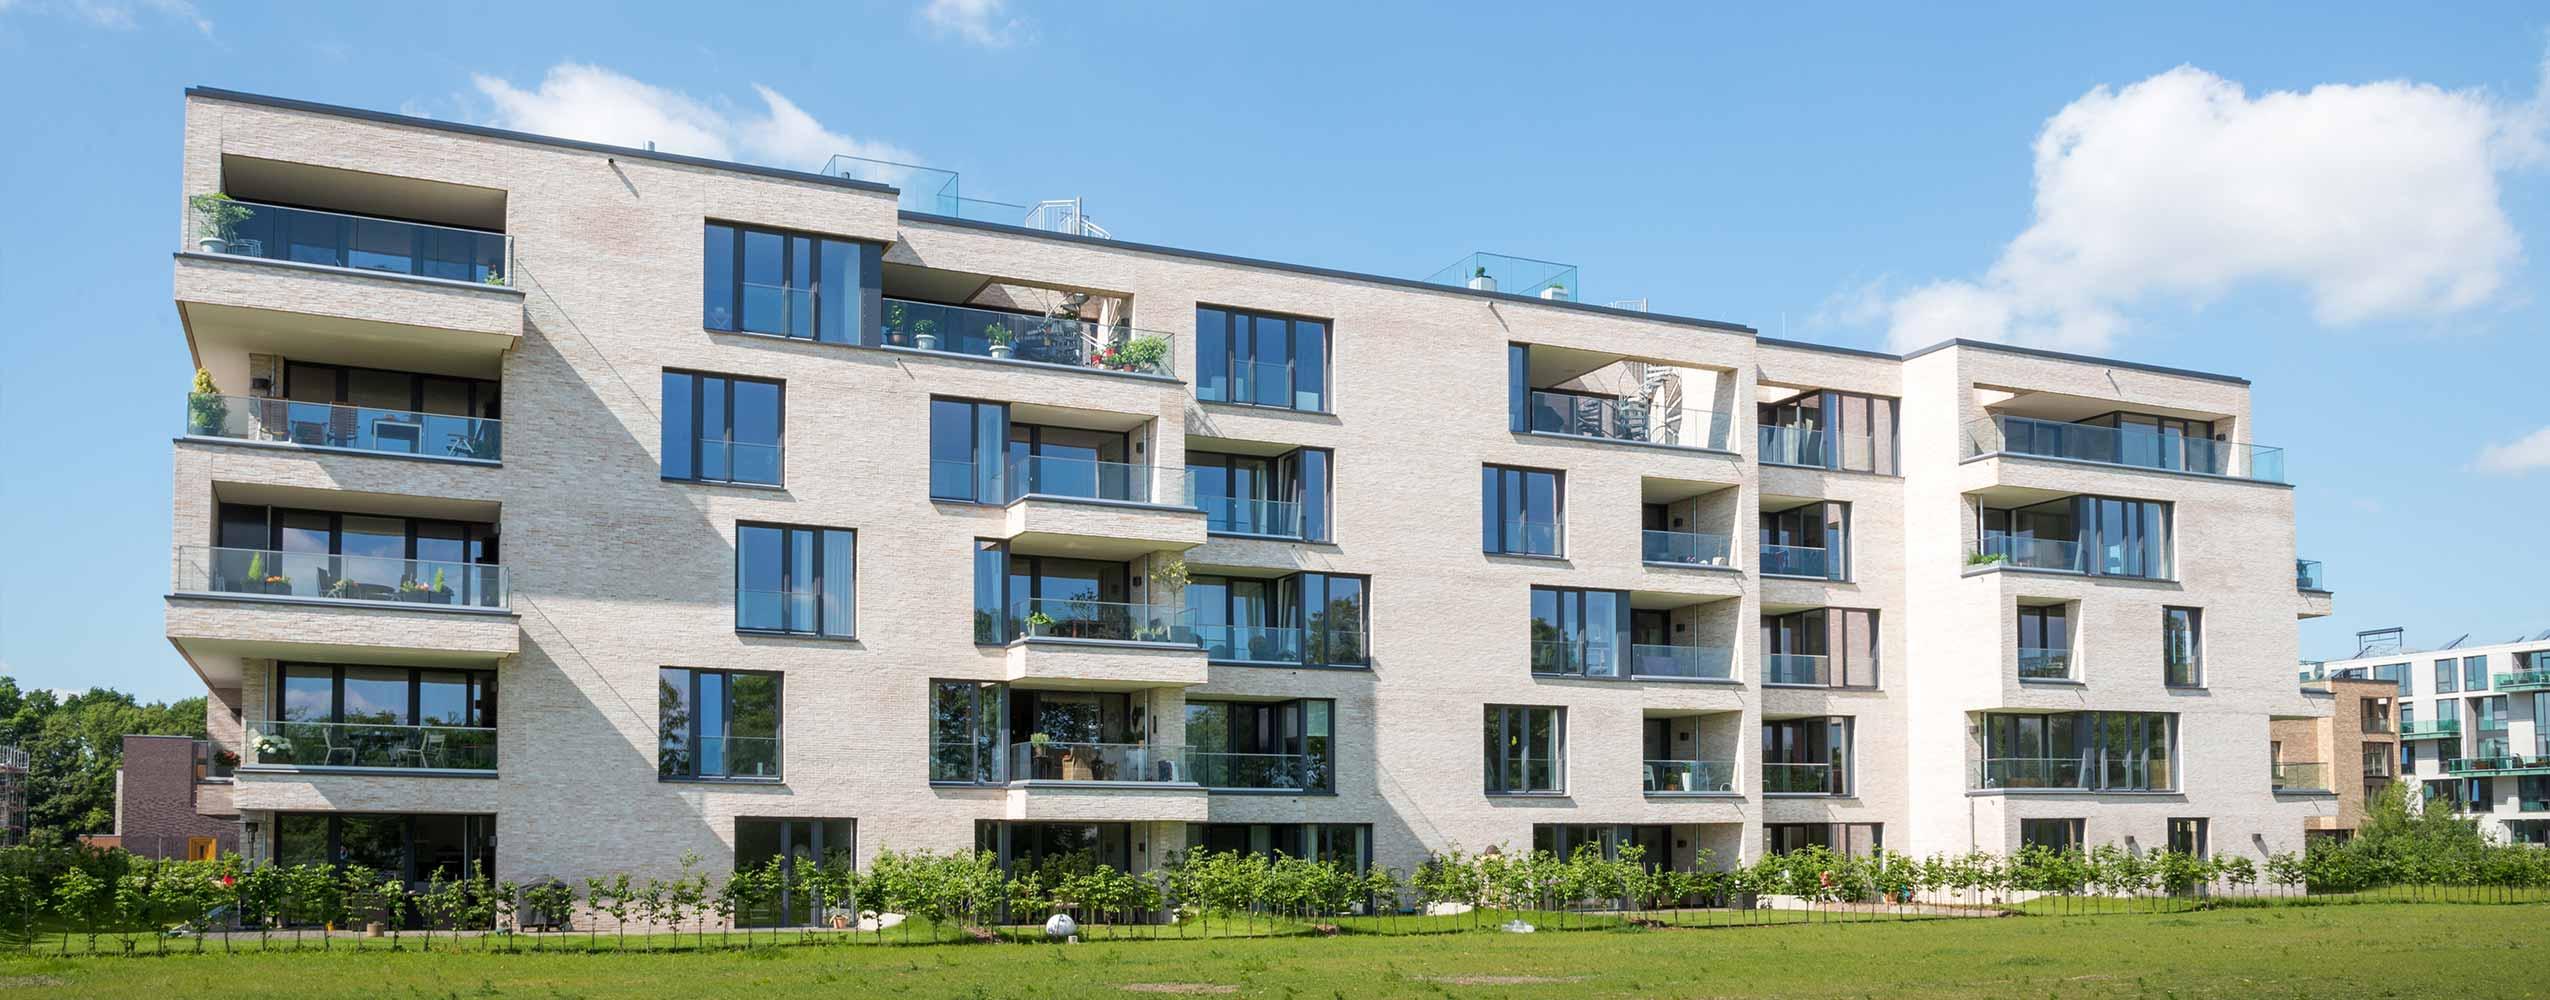 Wohnungs - und Geschäftsbauten